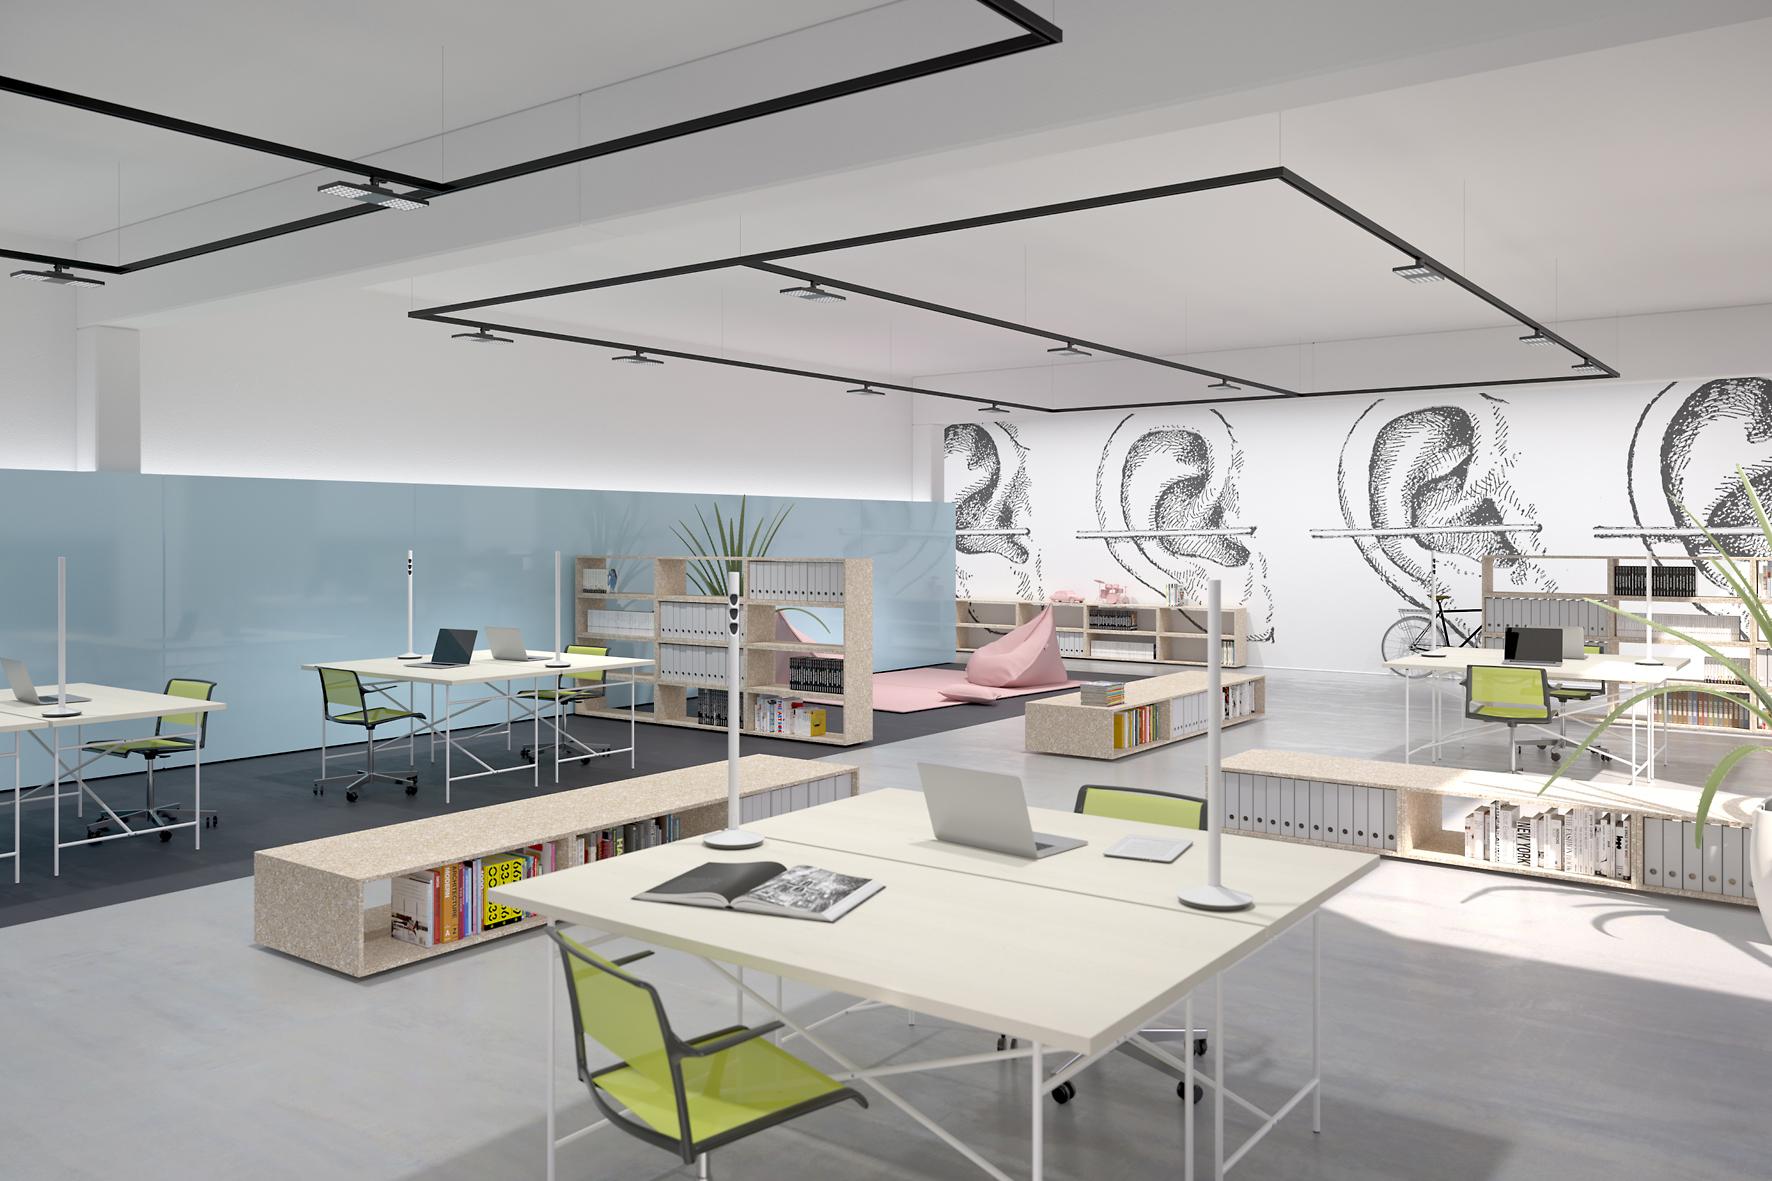 Le proposte dei designer e delle aziende luce e design